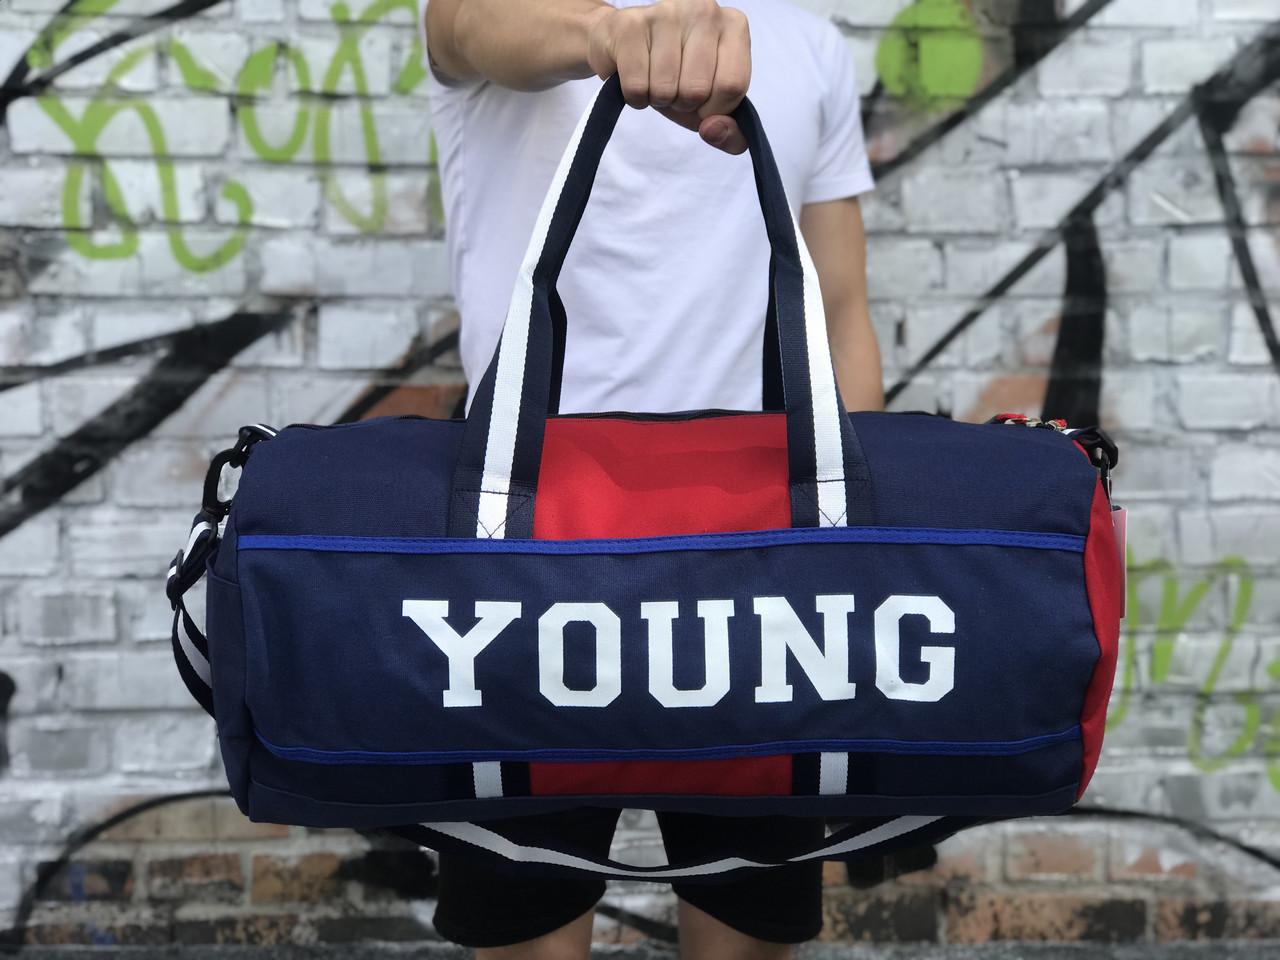 Мужская спортивная сумка Young, синяя с красным